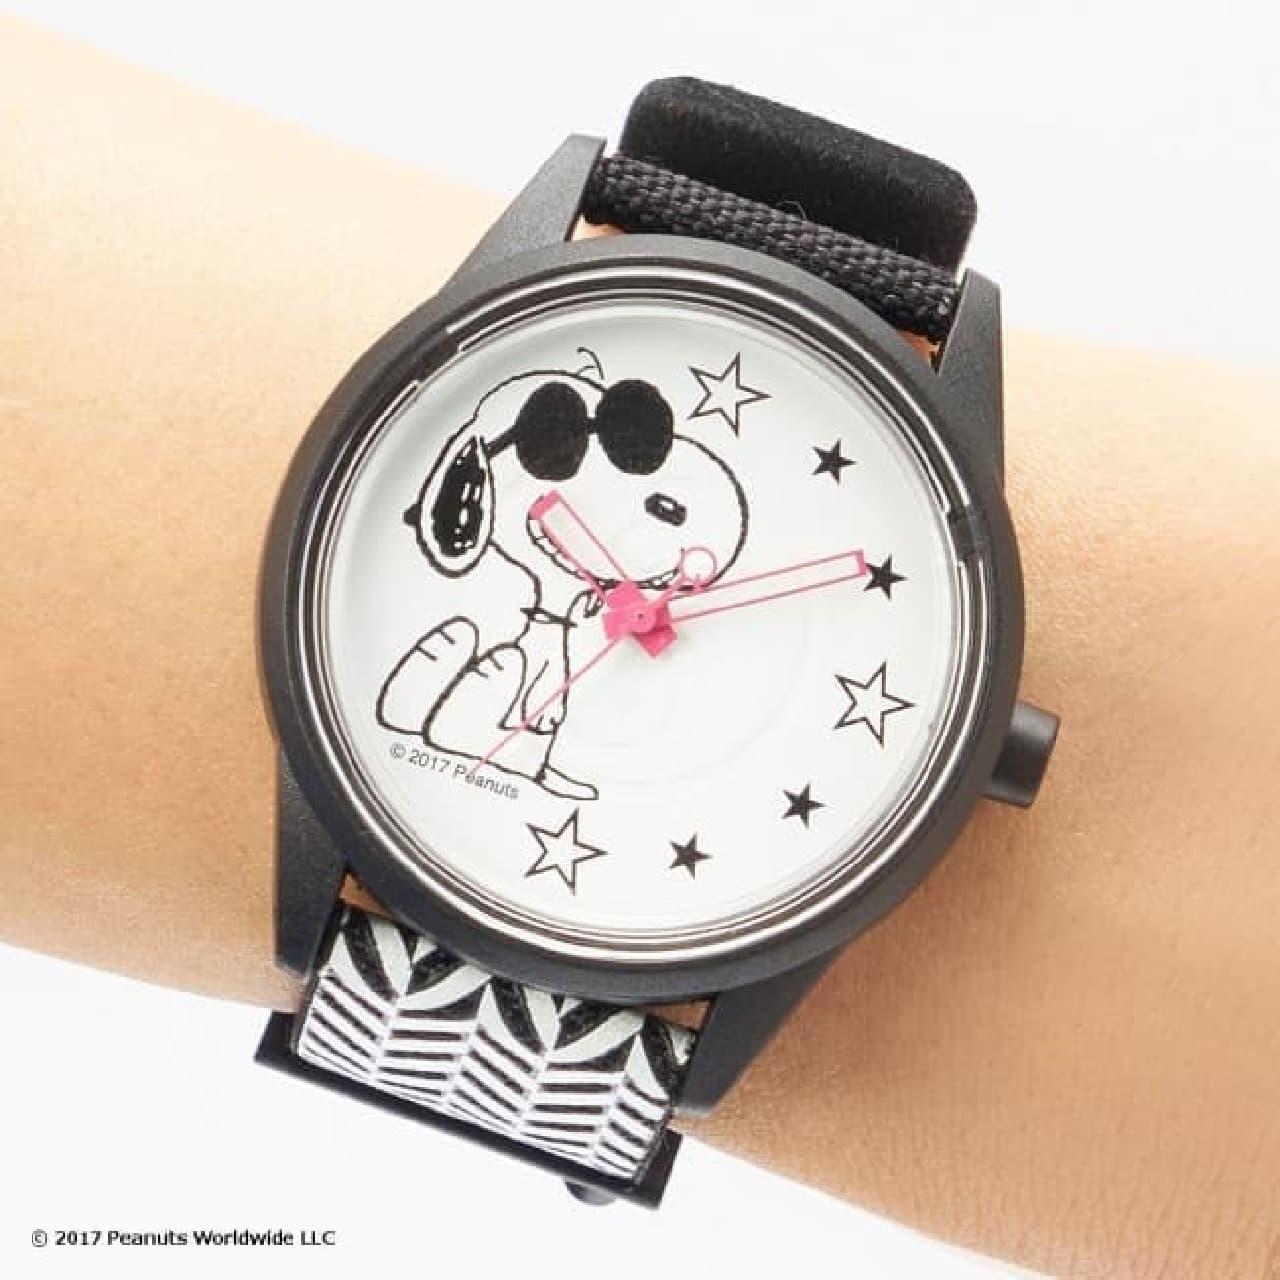 スヌーピーとソーラー腕時計「スマイルソーラー」のコラボアイテム